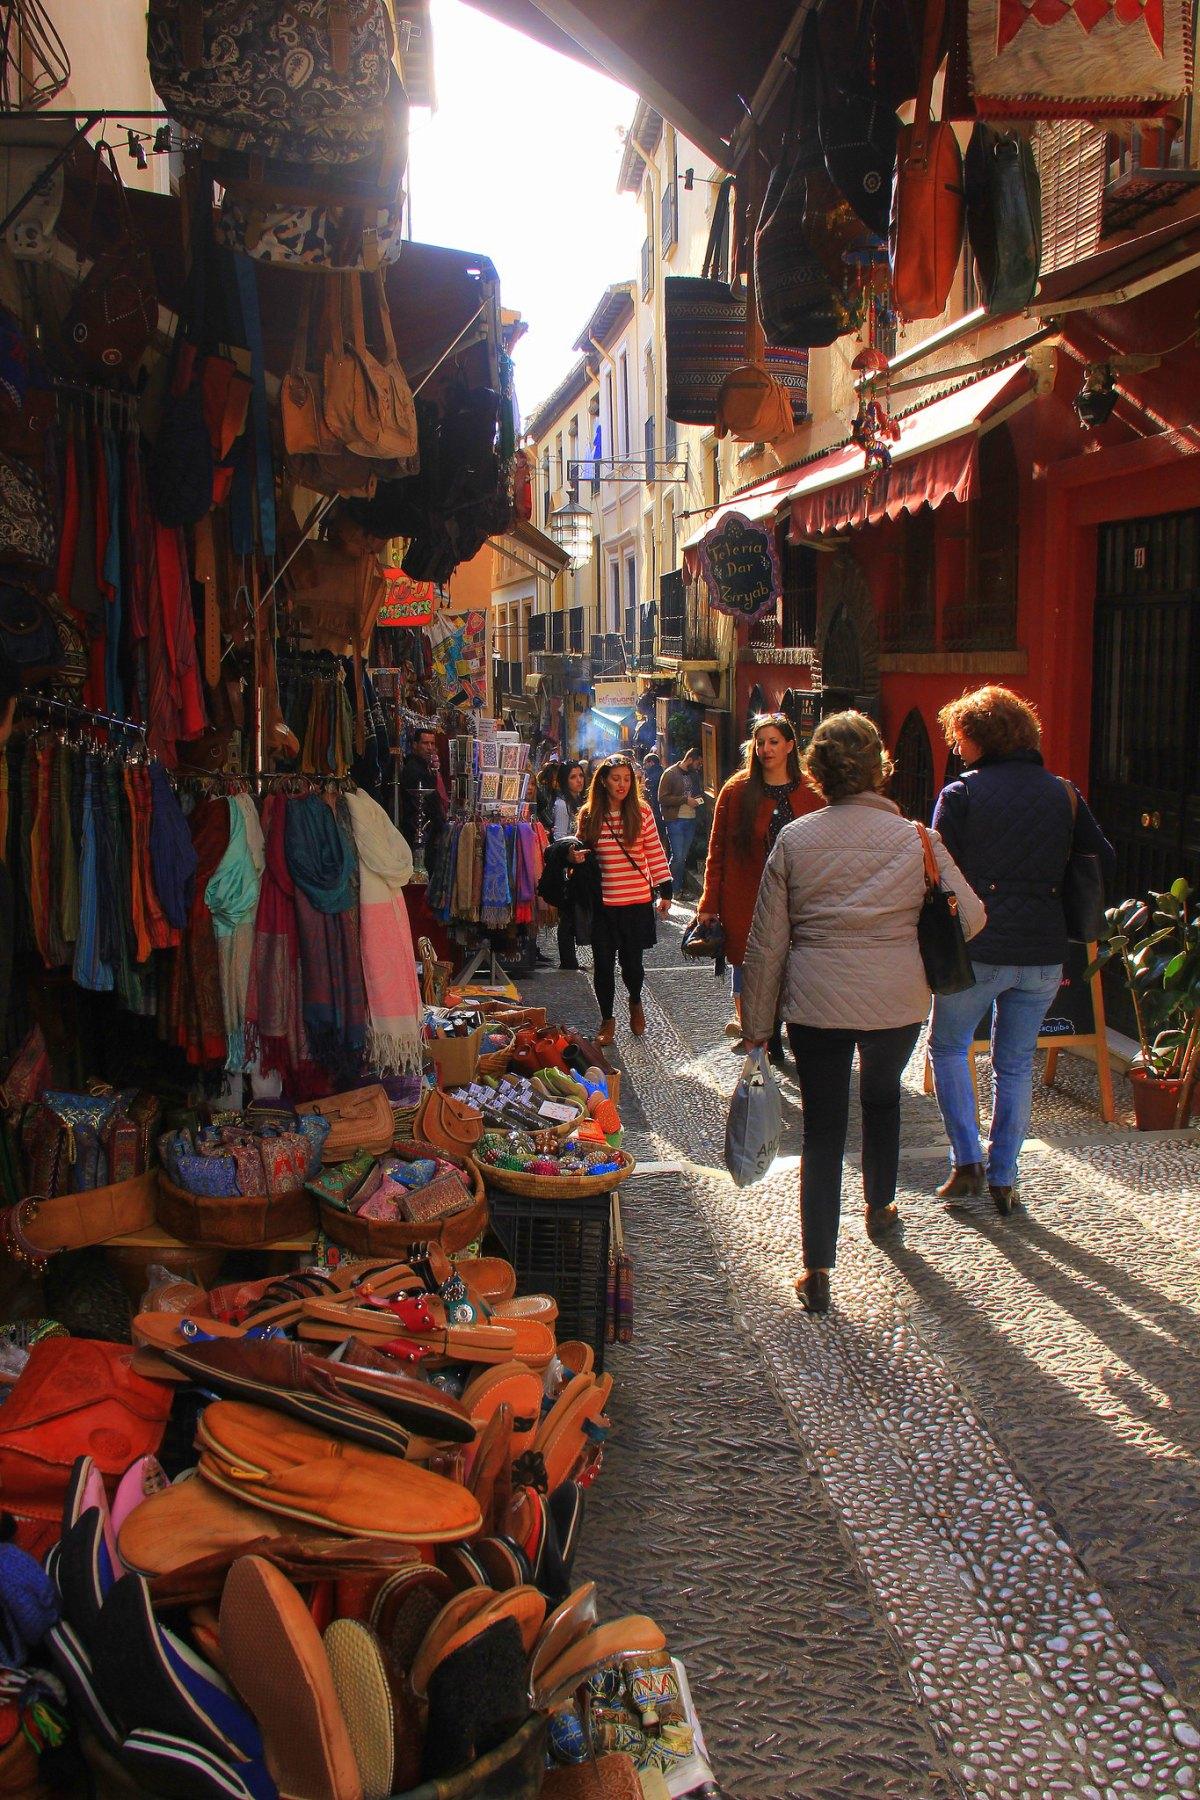 Granada has souks at the old Arab quarter